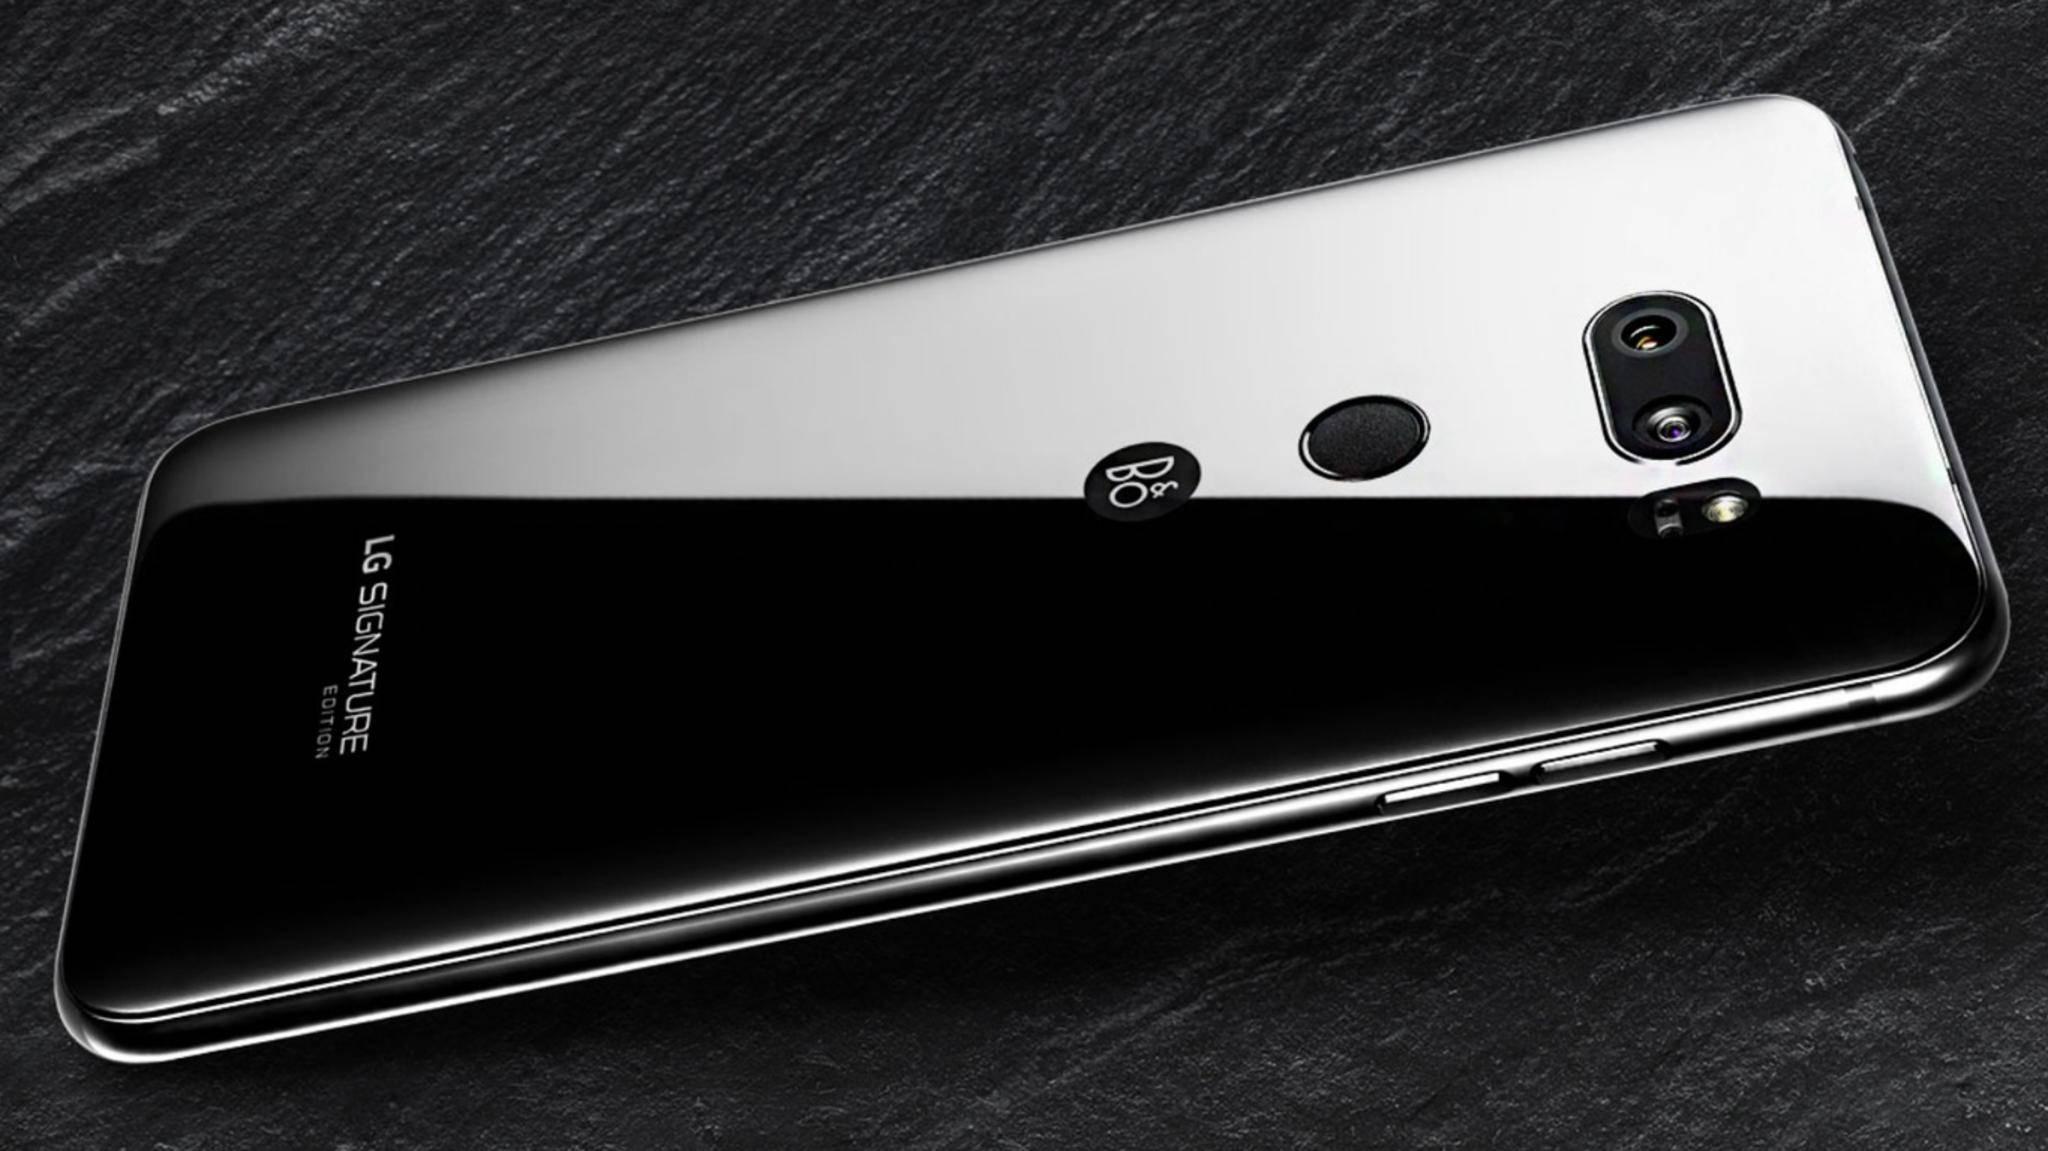 Die Signature-Edition des LG V35 zählt zu den teuersten Smartphones.